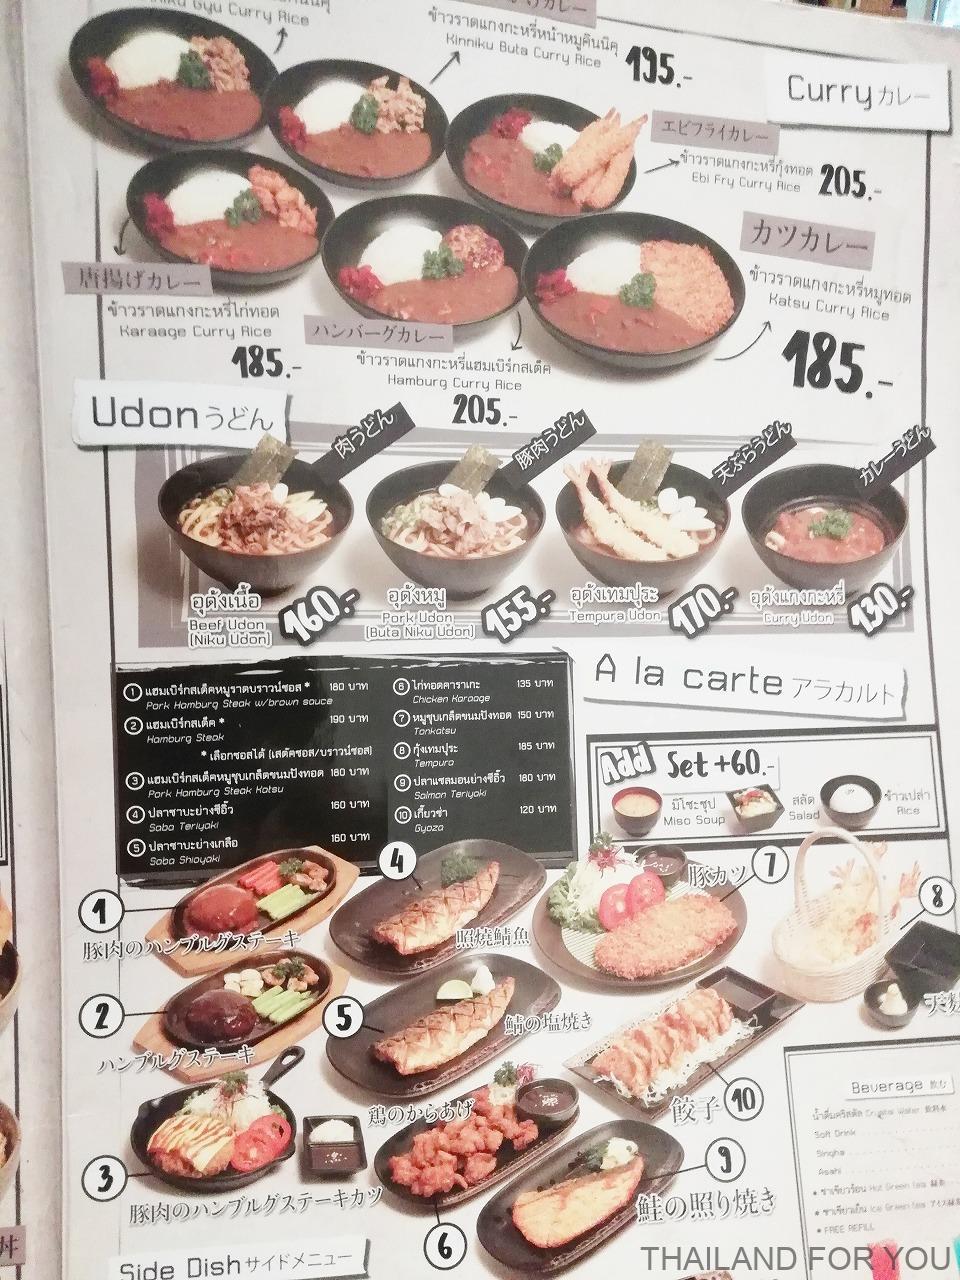 キン肉牛丼 KINNIKU GYUDON タイ バンコク 写真